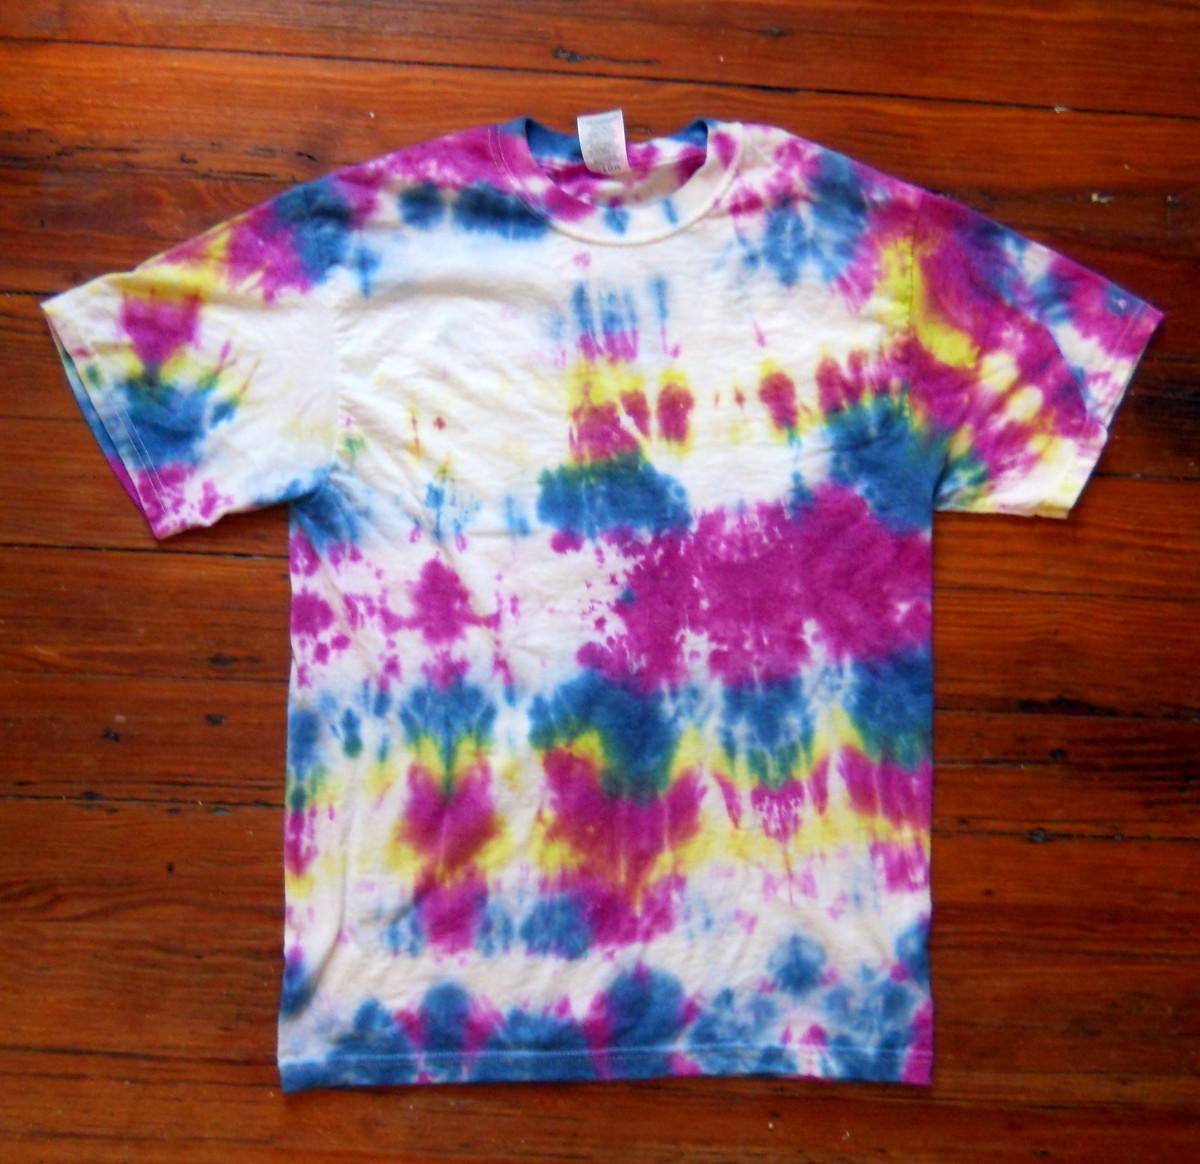 T-shirt - fun but too large